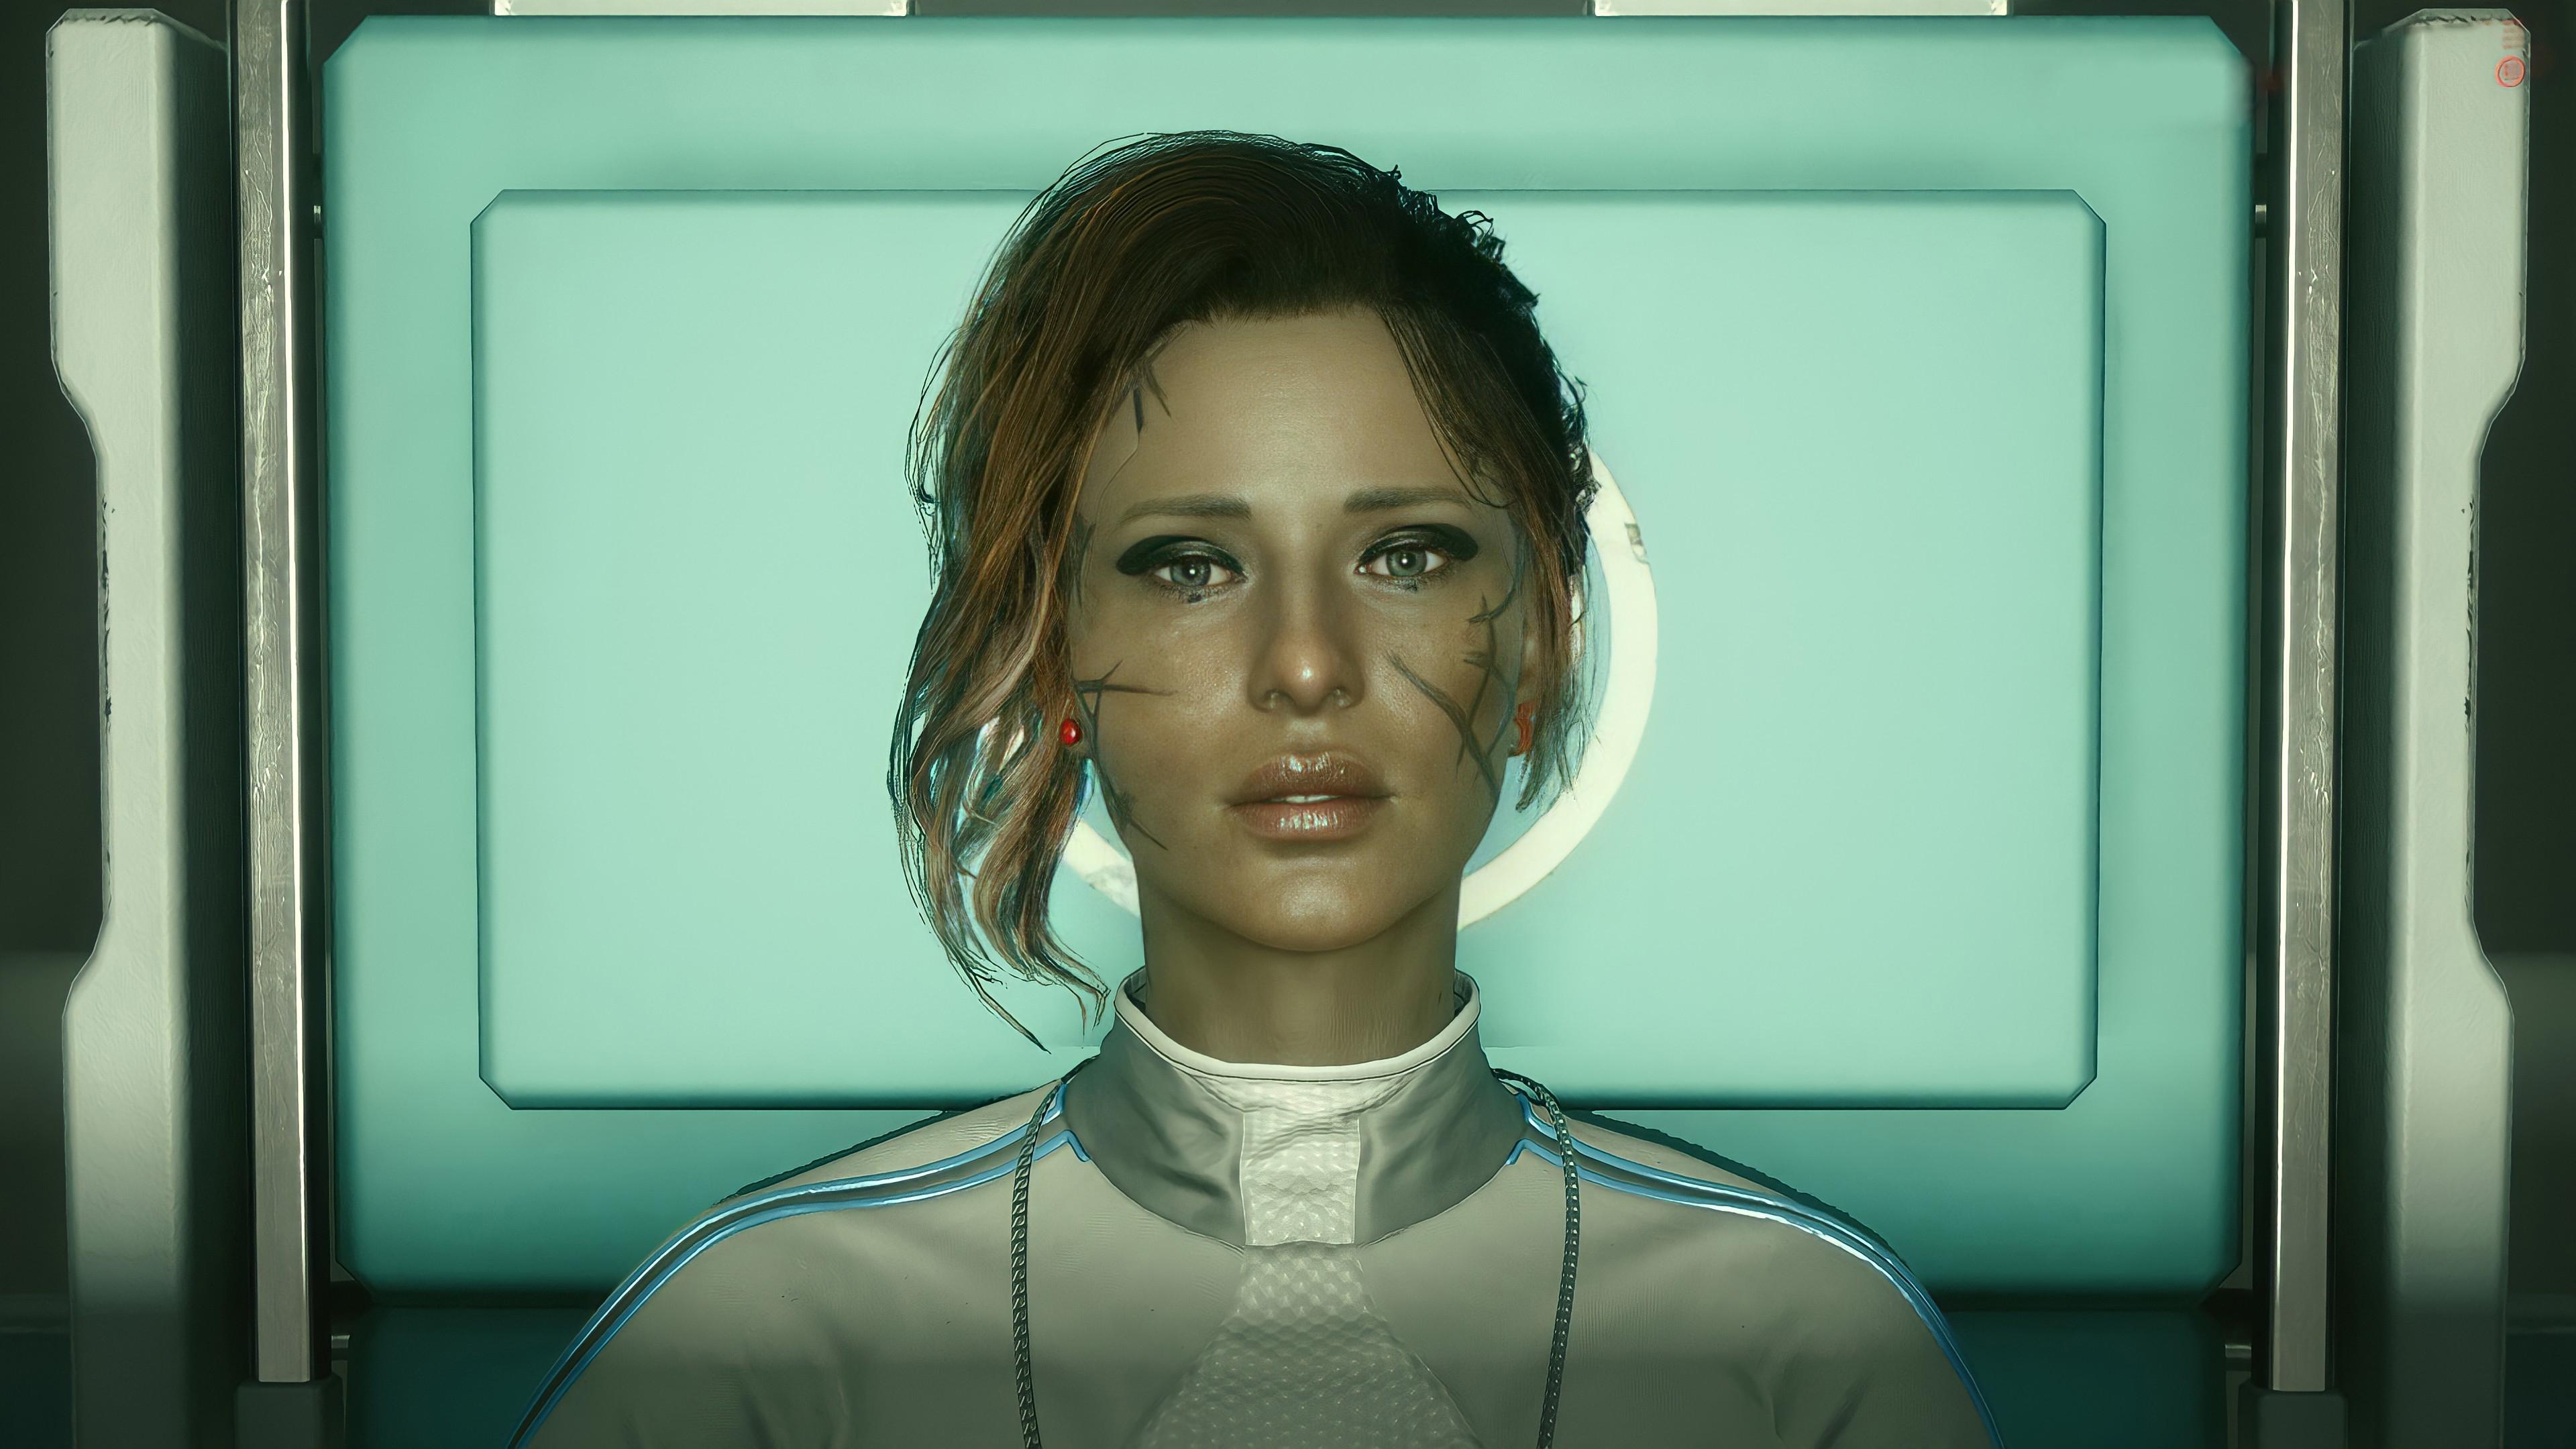 Cyberpunk2077_2021_01_18_08_29_43_137.jpg - Cyberpunk 2077